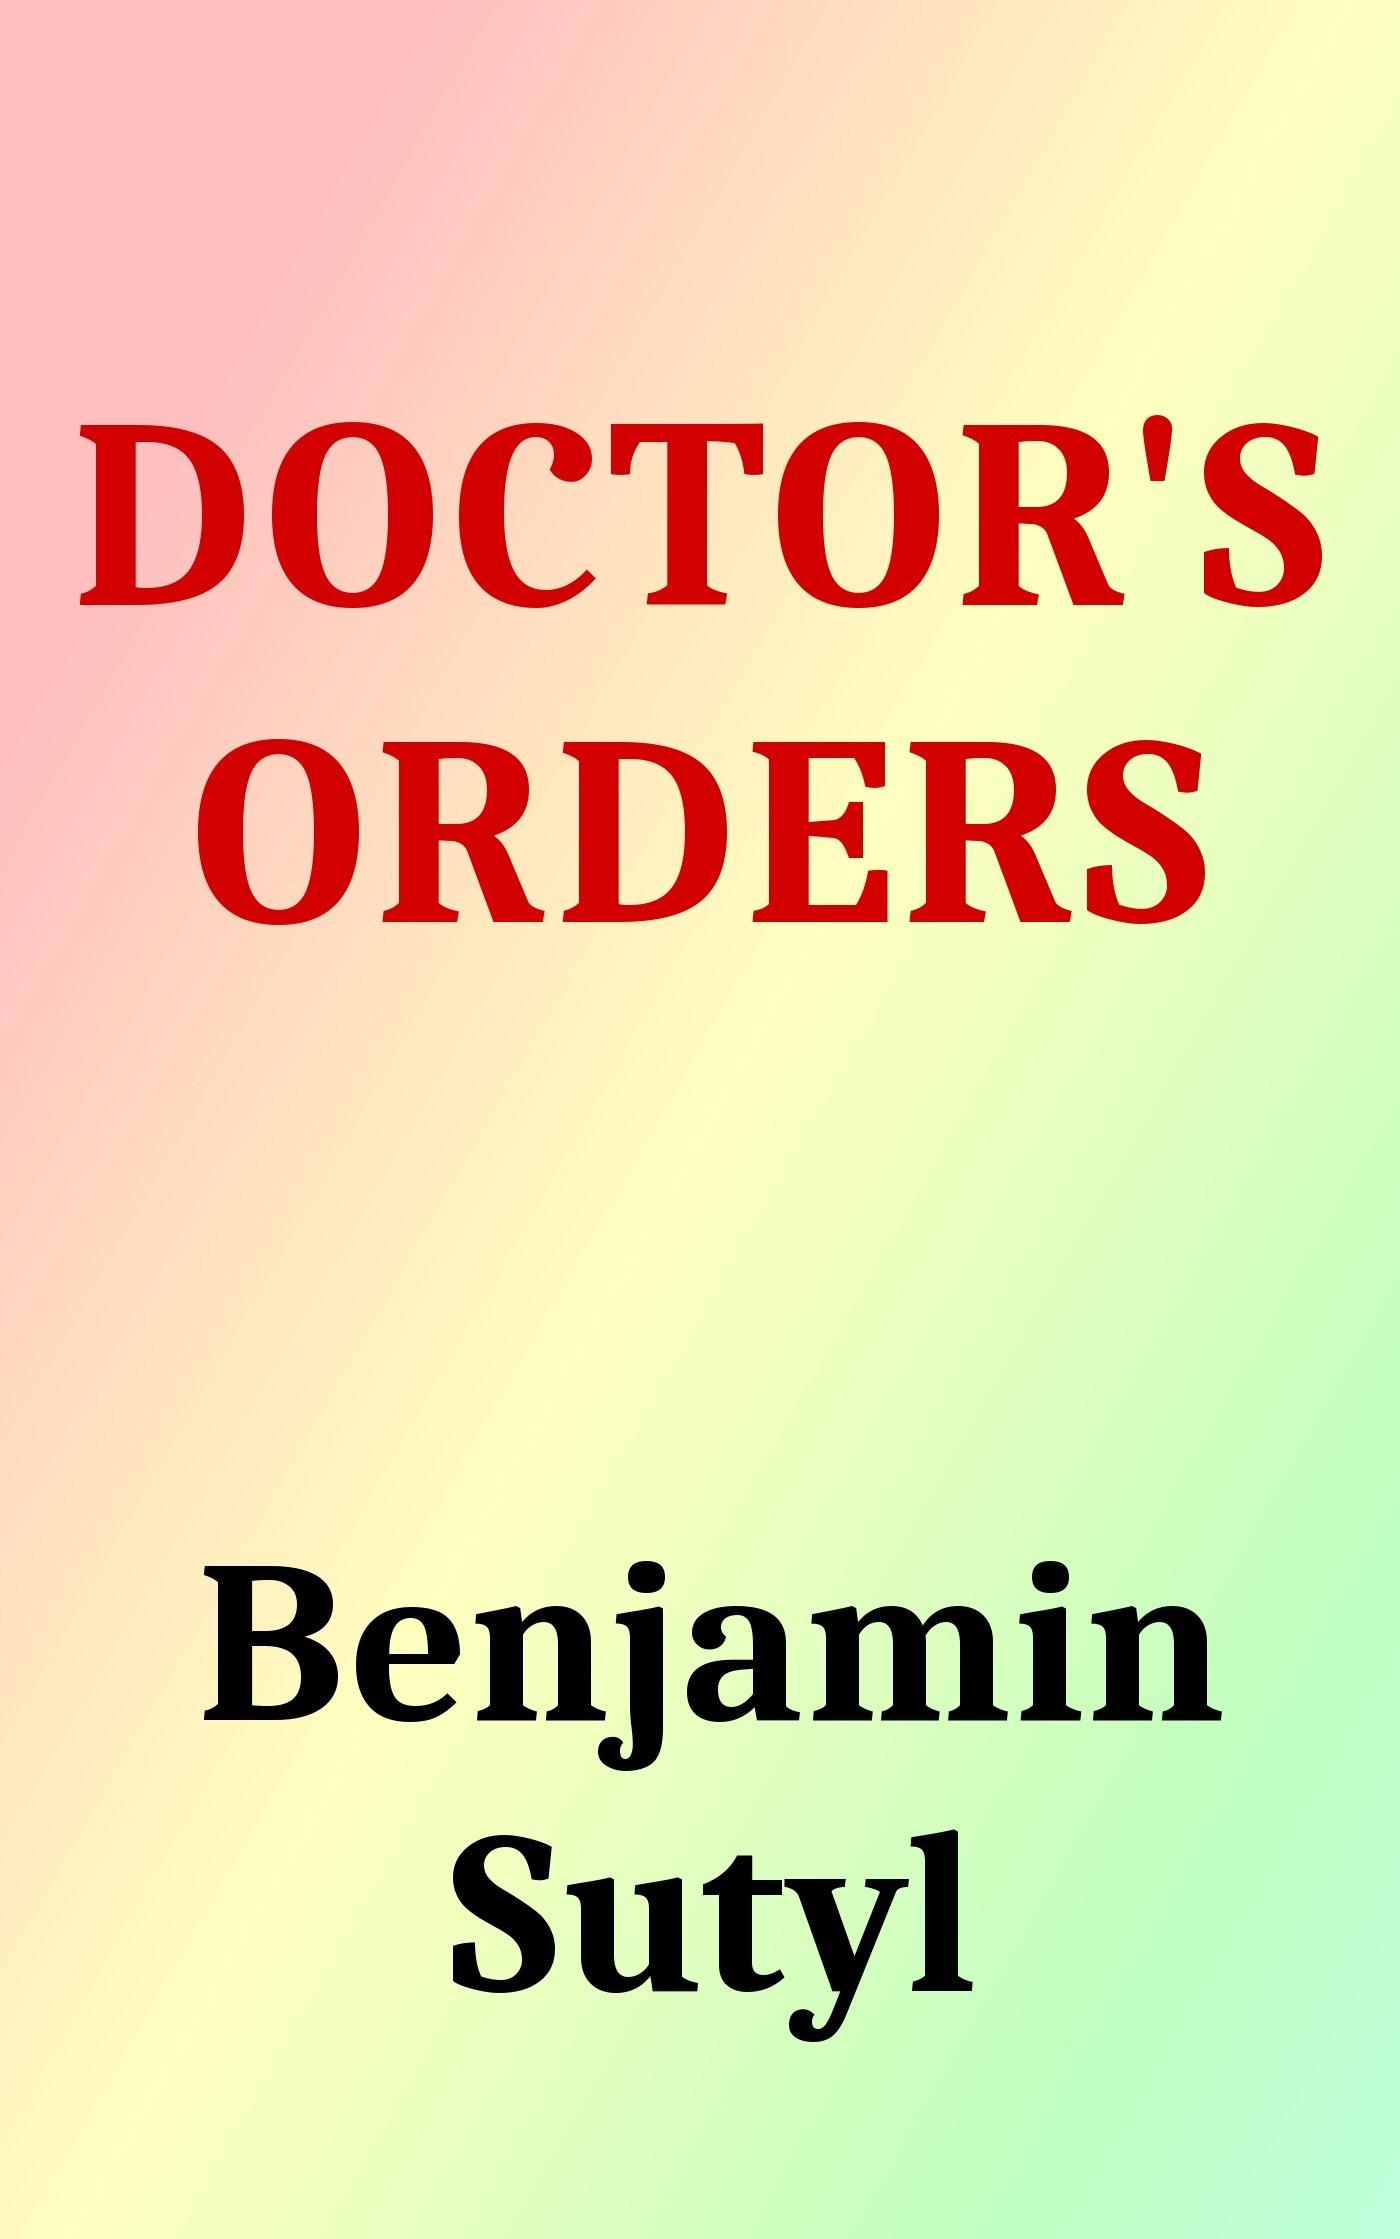 Doctors Orders Benjamin Sutyl